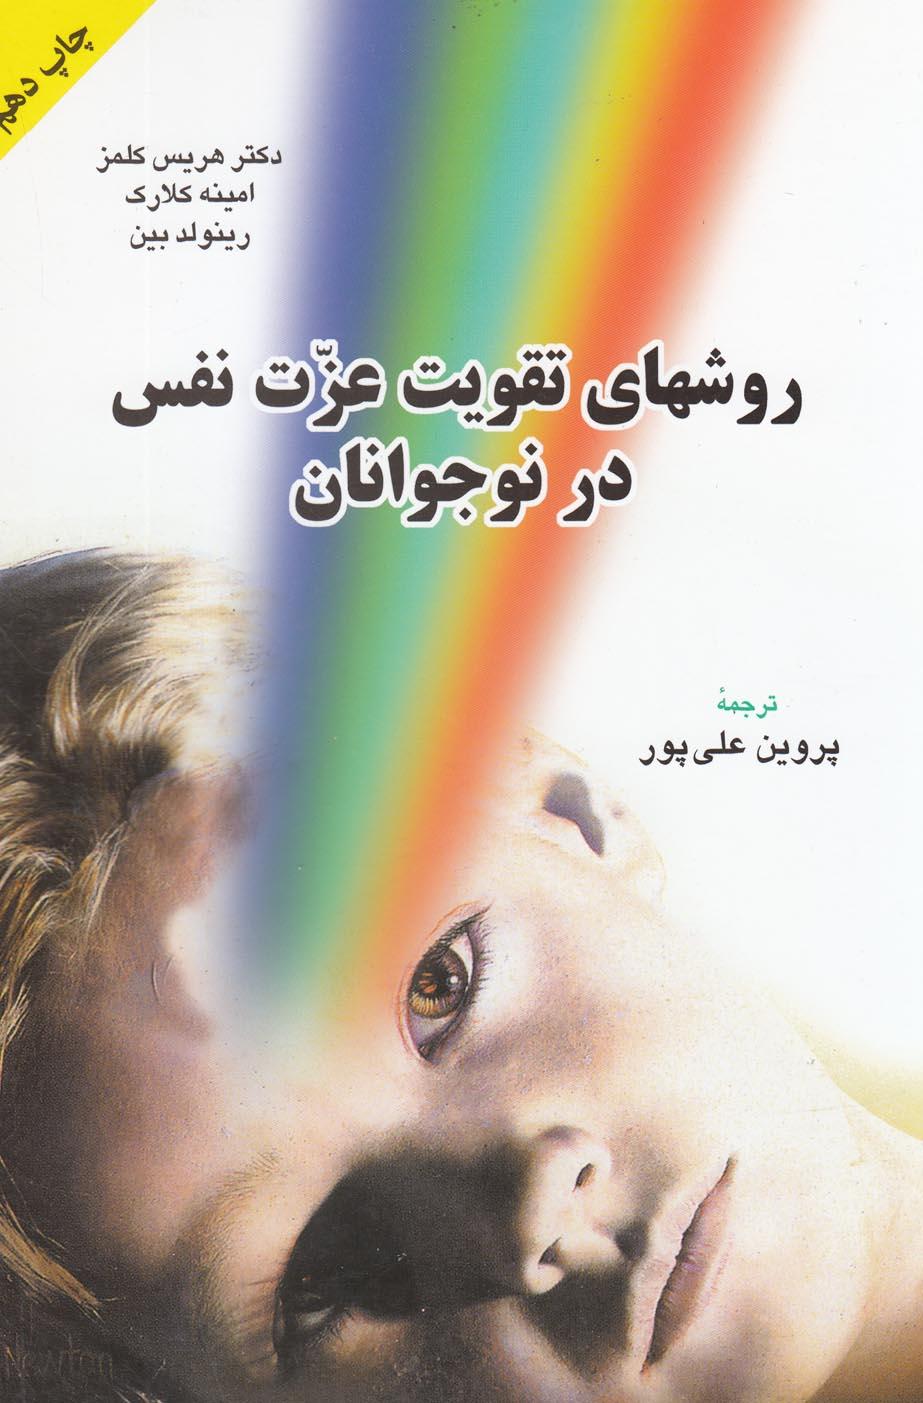 کتاب روشهای تقویت عزت نفس در نوجوانان